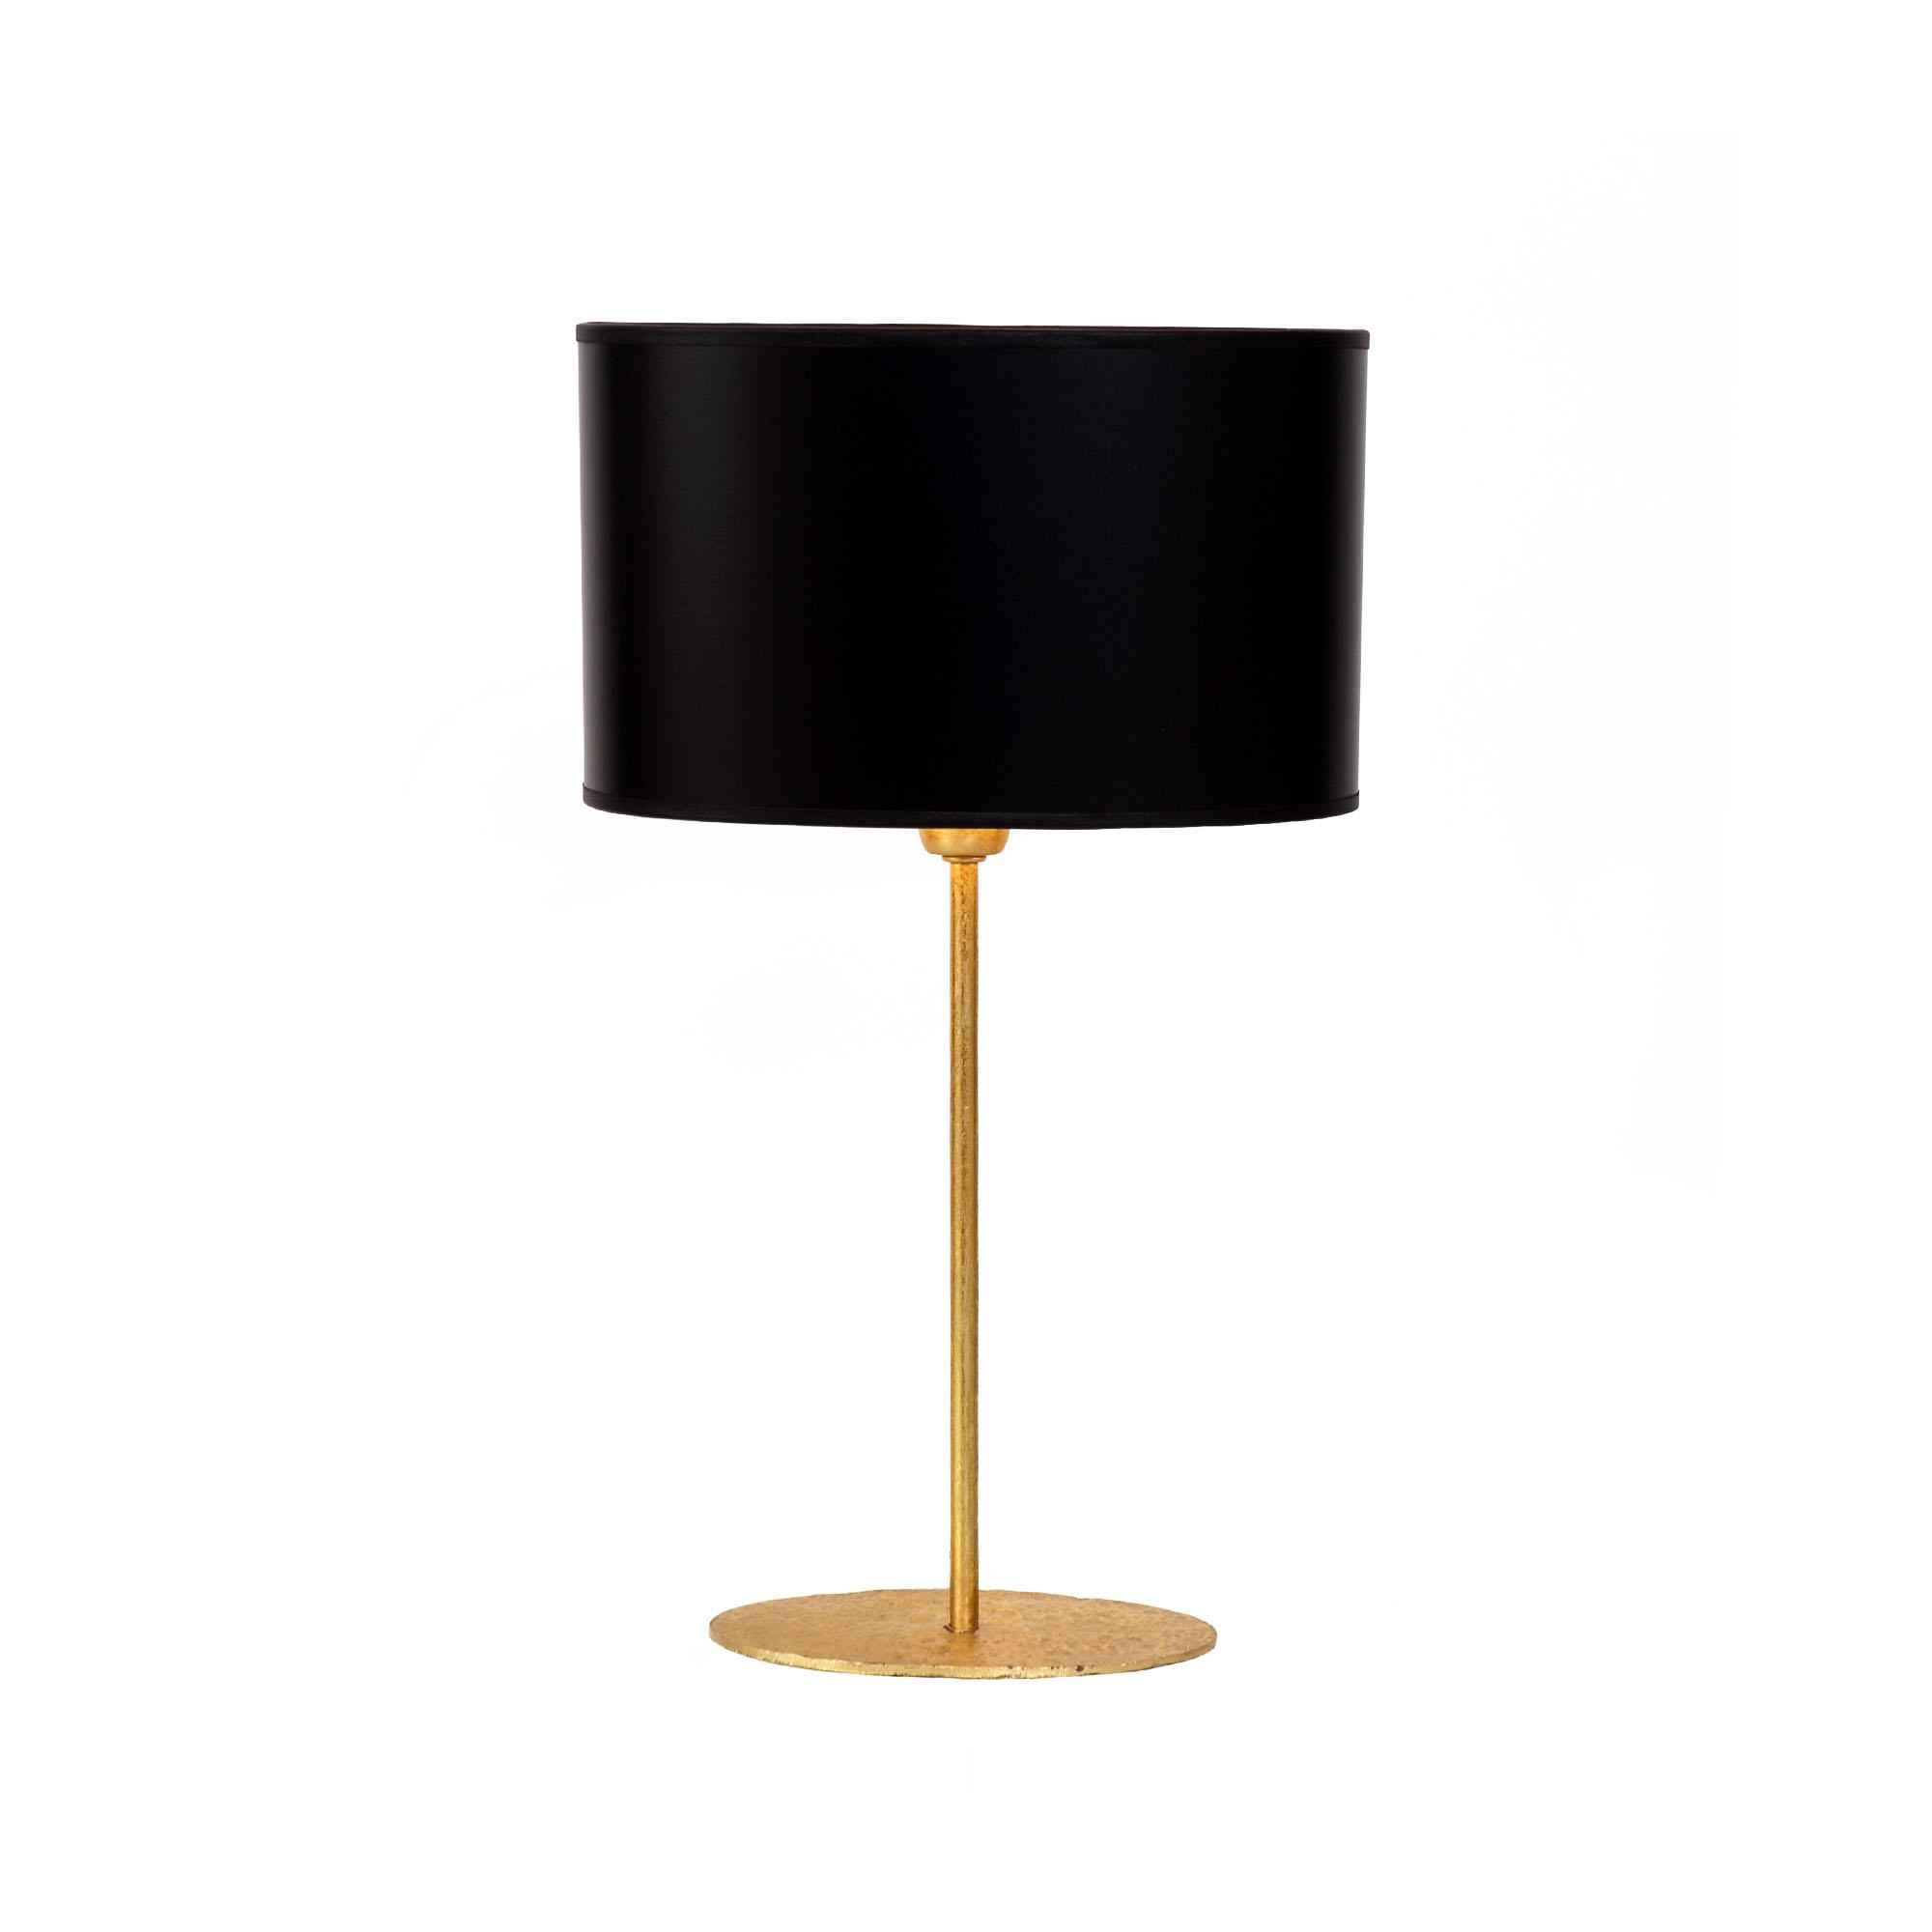 tischlampe schwarz gold industrielle tischlampe schwarz ivy 18 cm fabriklampe. Black Bedroom Furniture Sets. Home Design Ideas